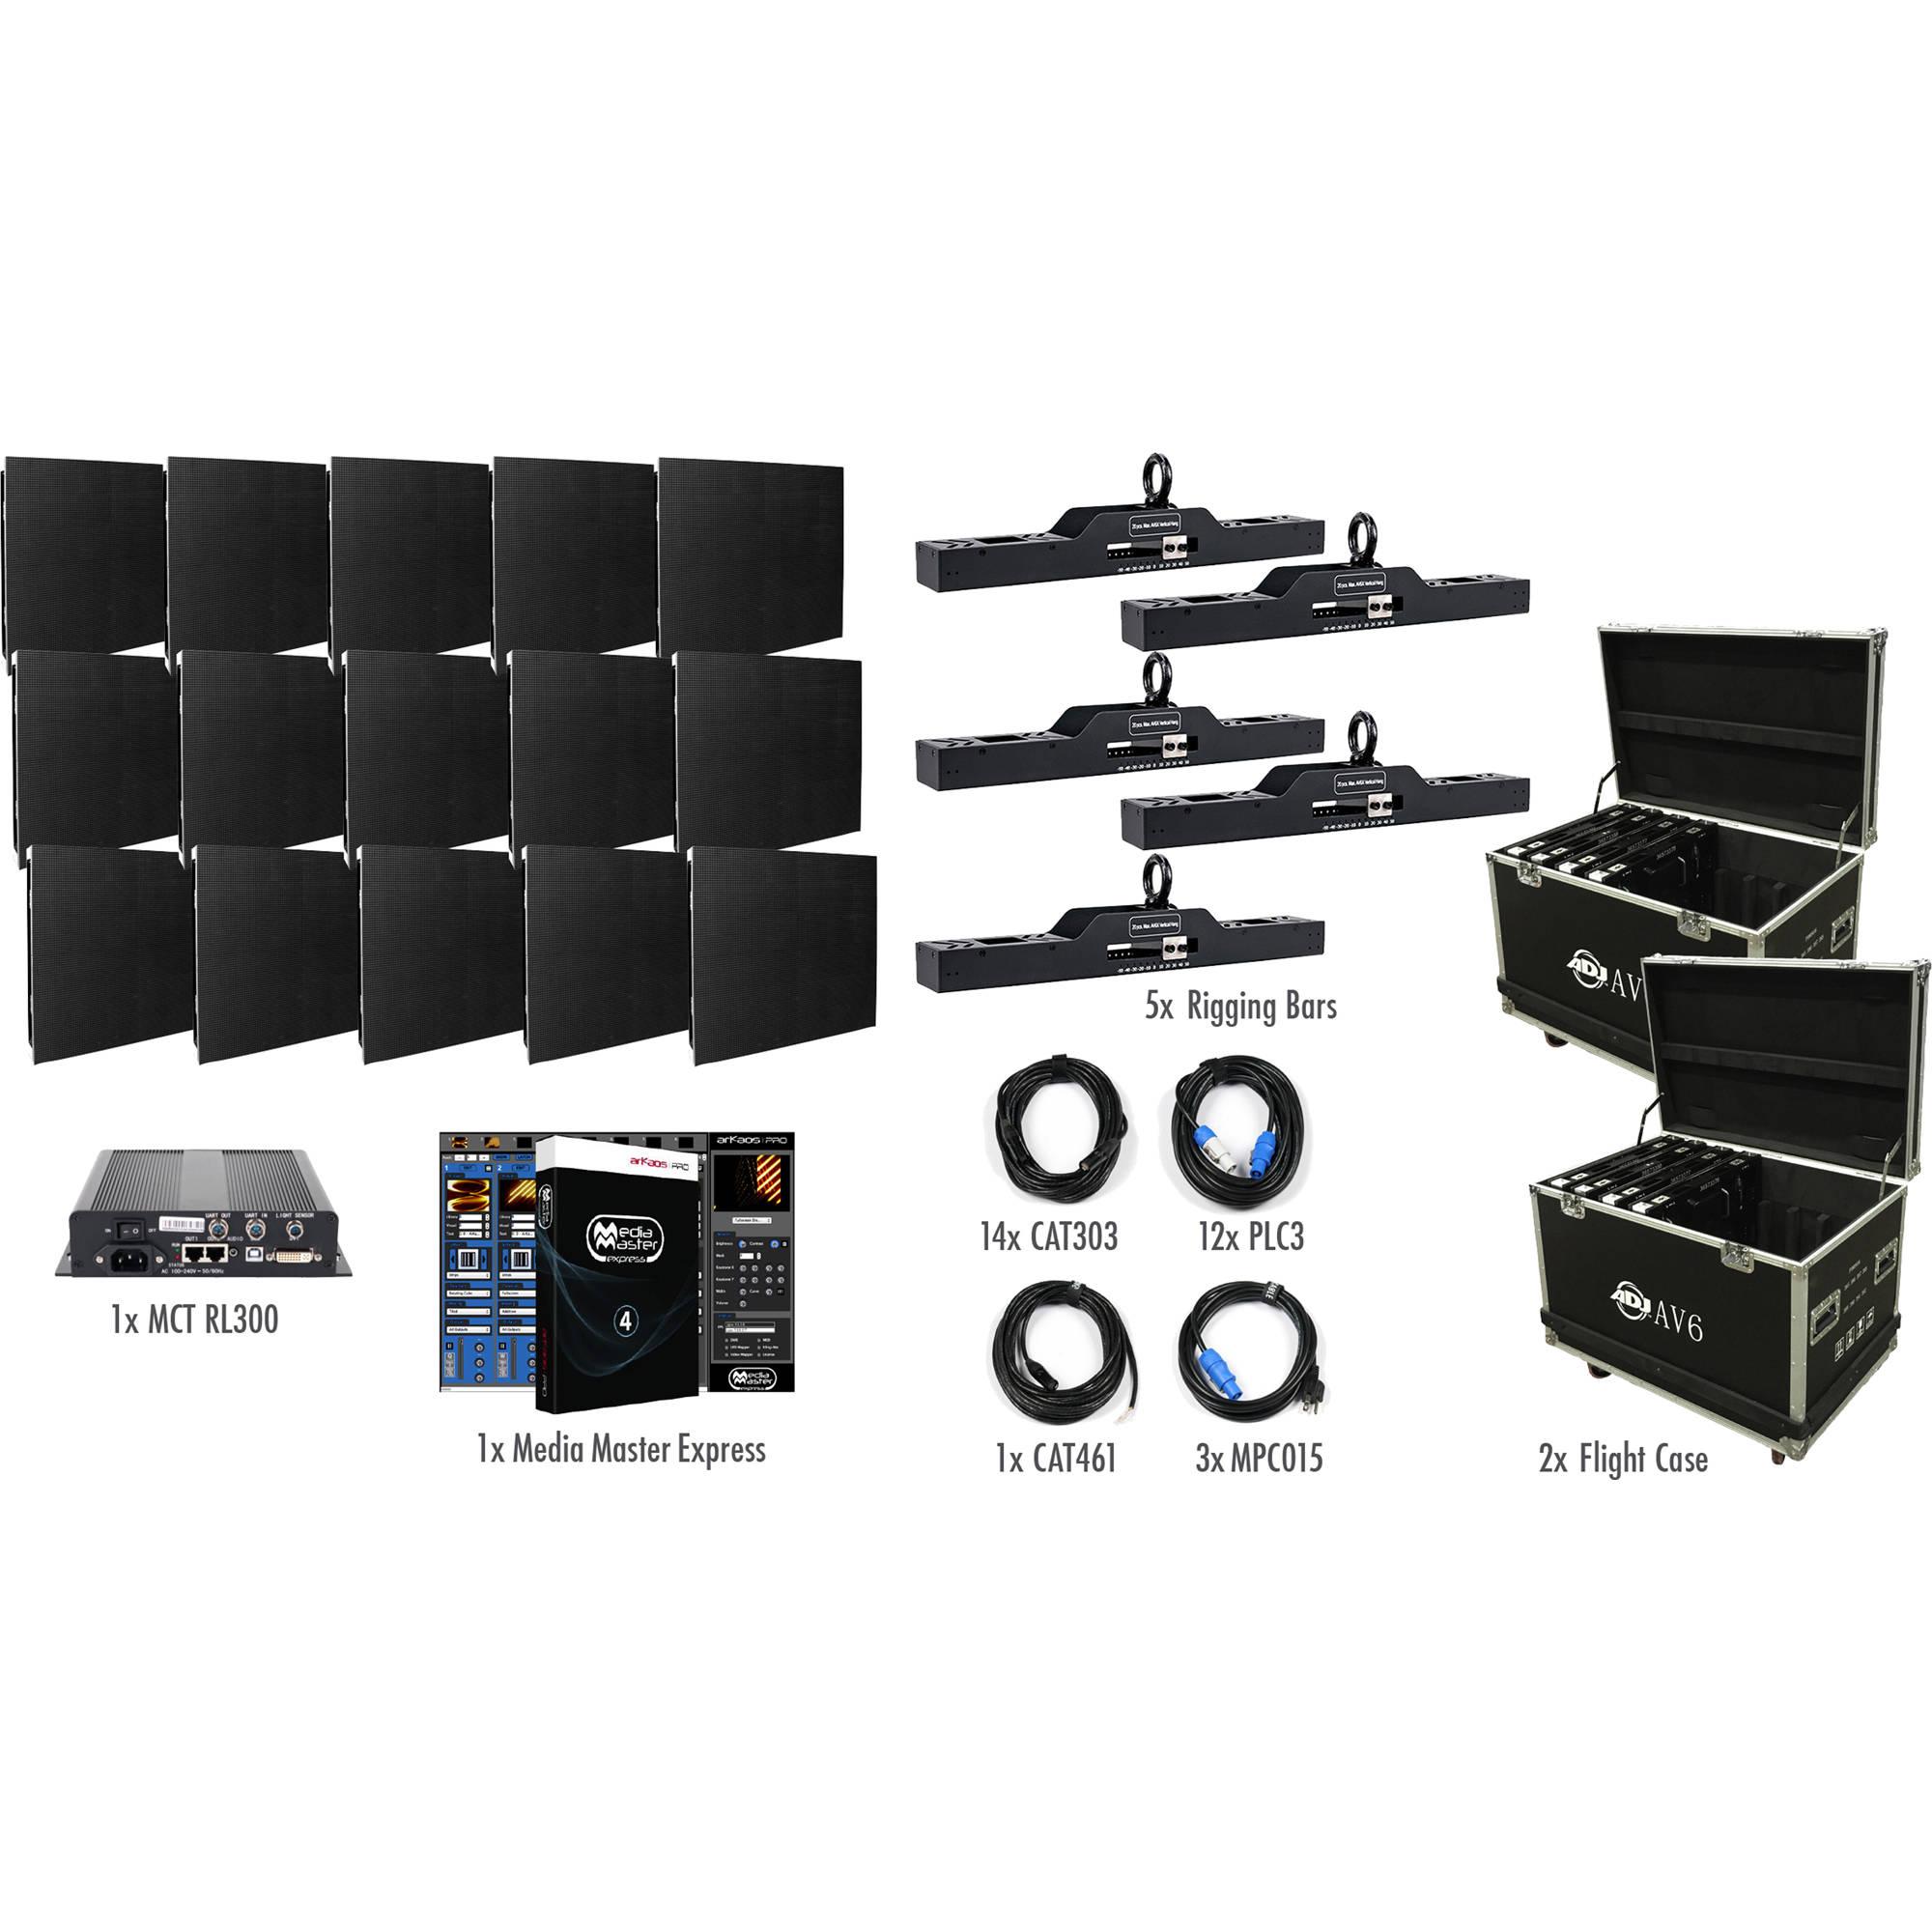 ADJ AV6X 5X3   AV6X LED Video Wall System Kit, 15 Panels